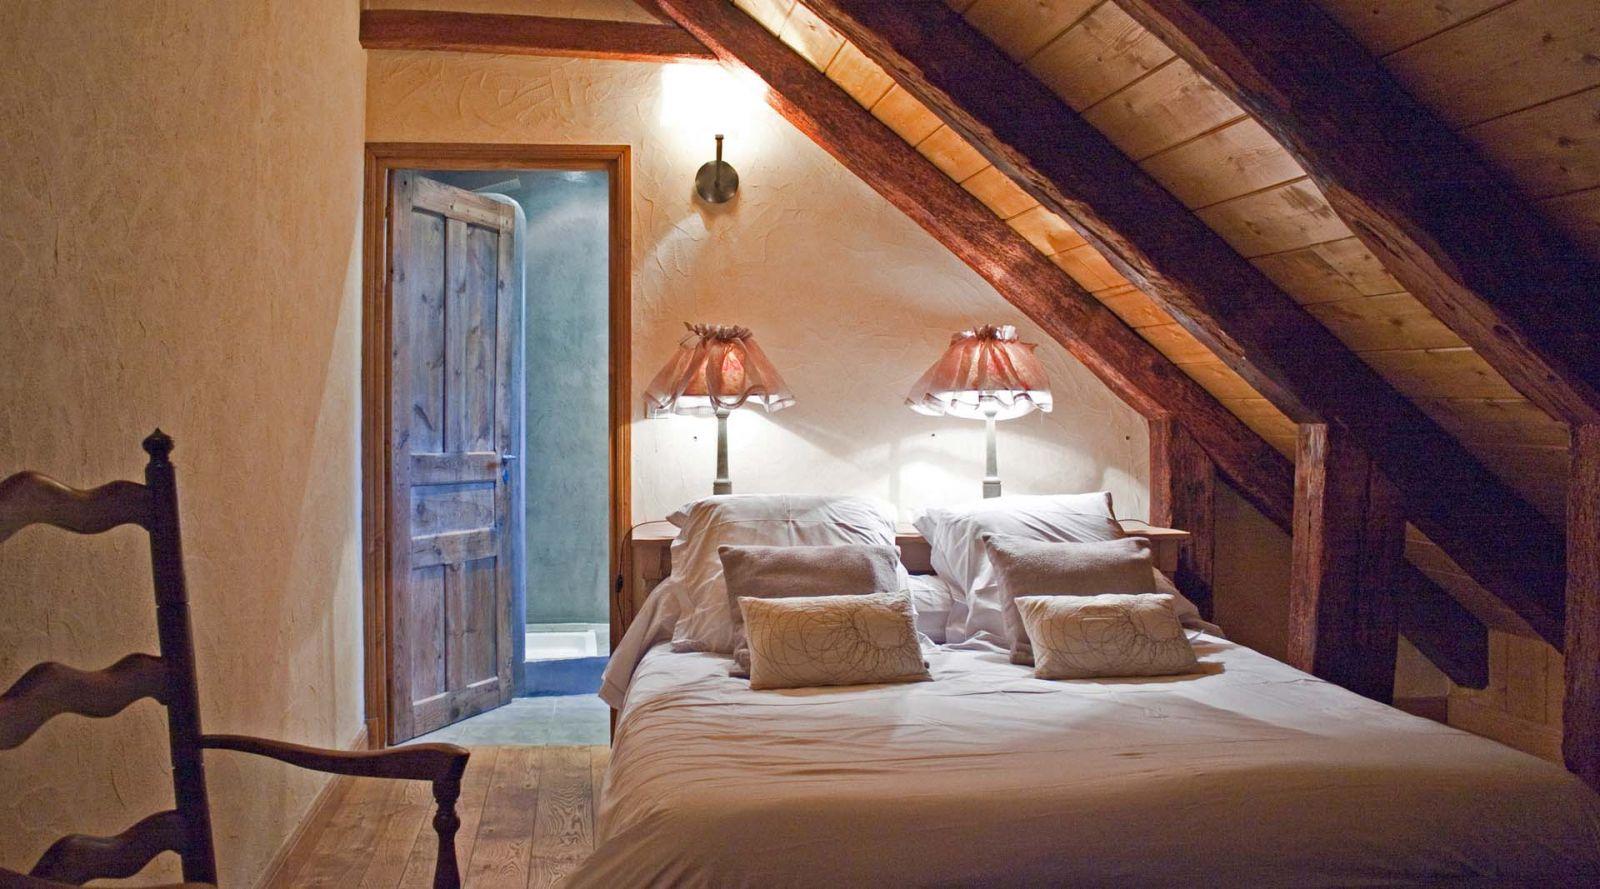 """Chambre """"Auvergne"""" Auberge du Puy Mary Auberge AIJEAN dans le cantal"""